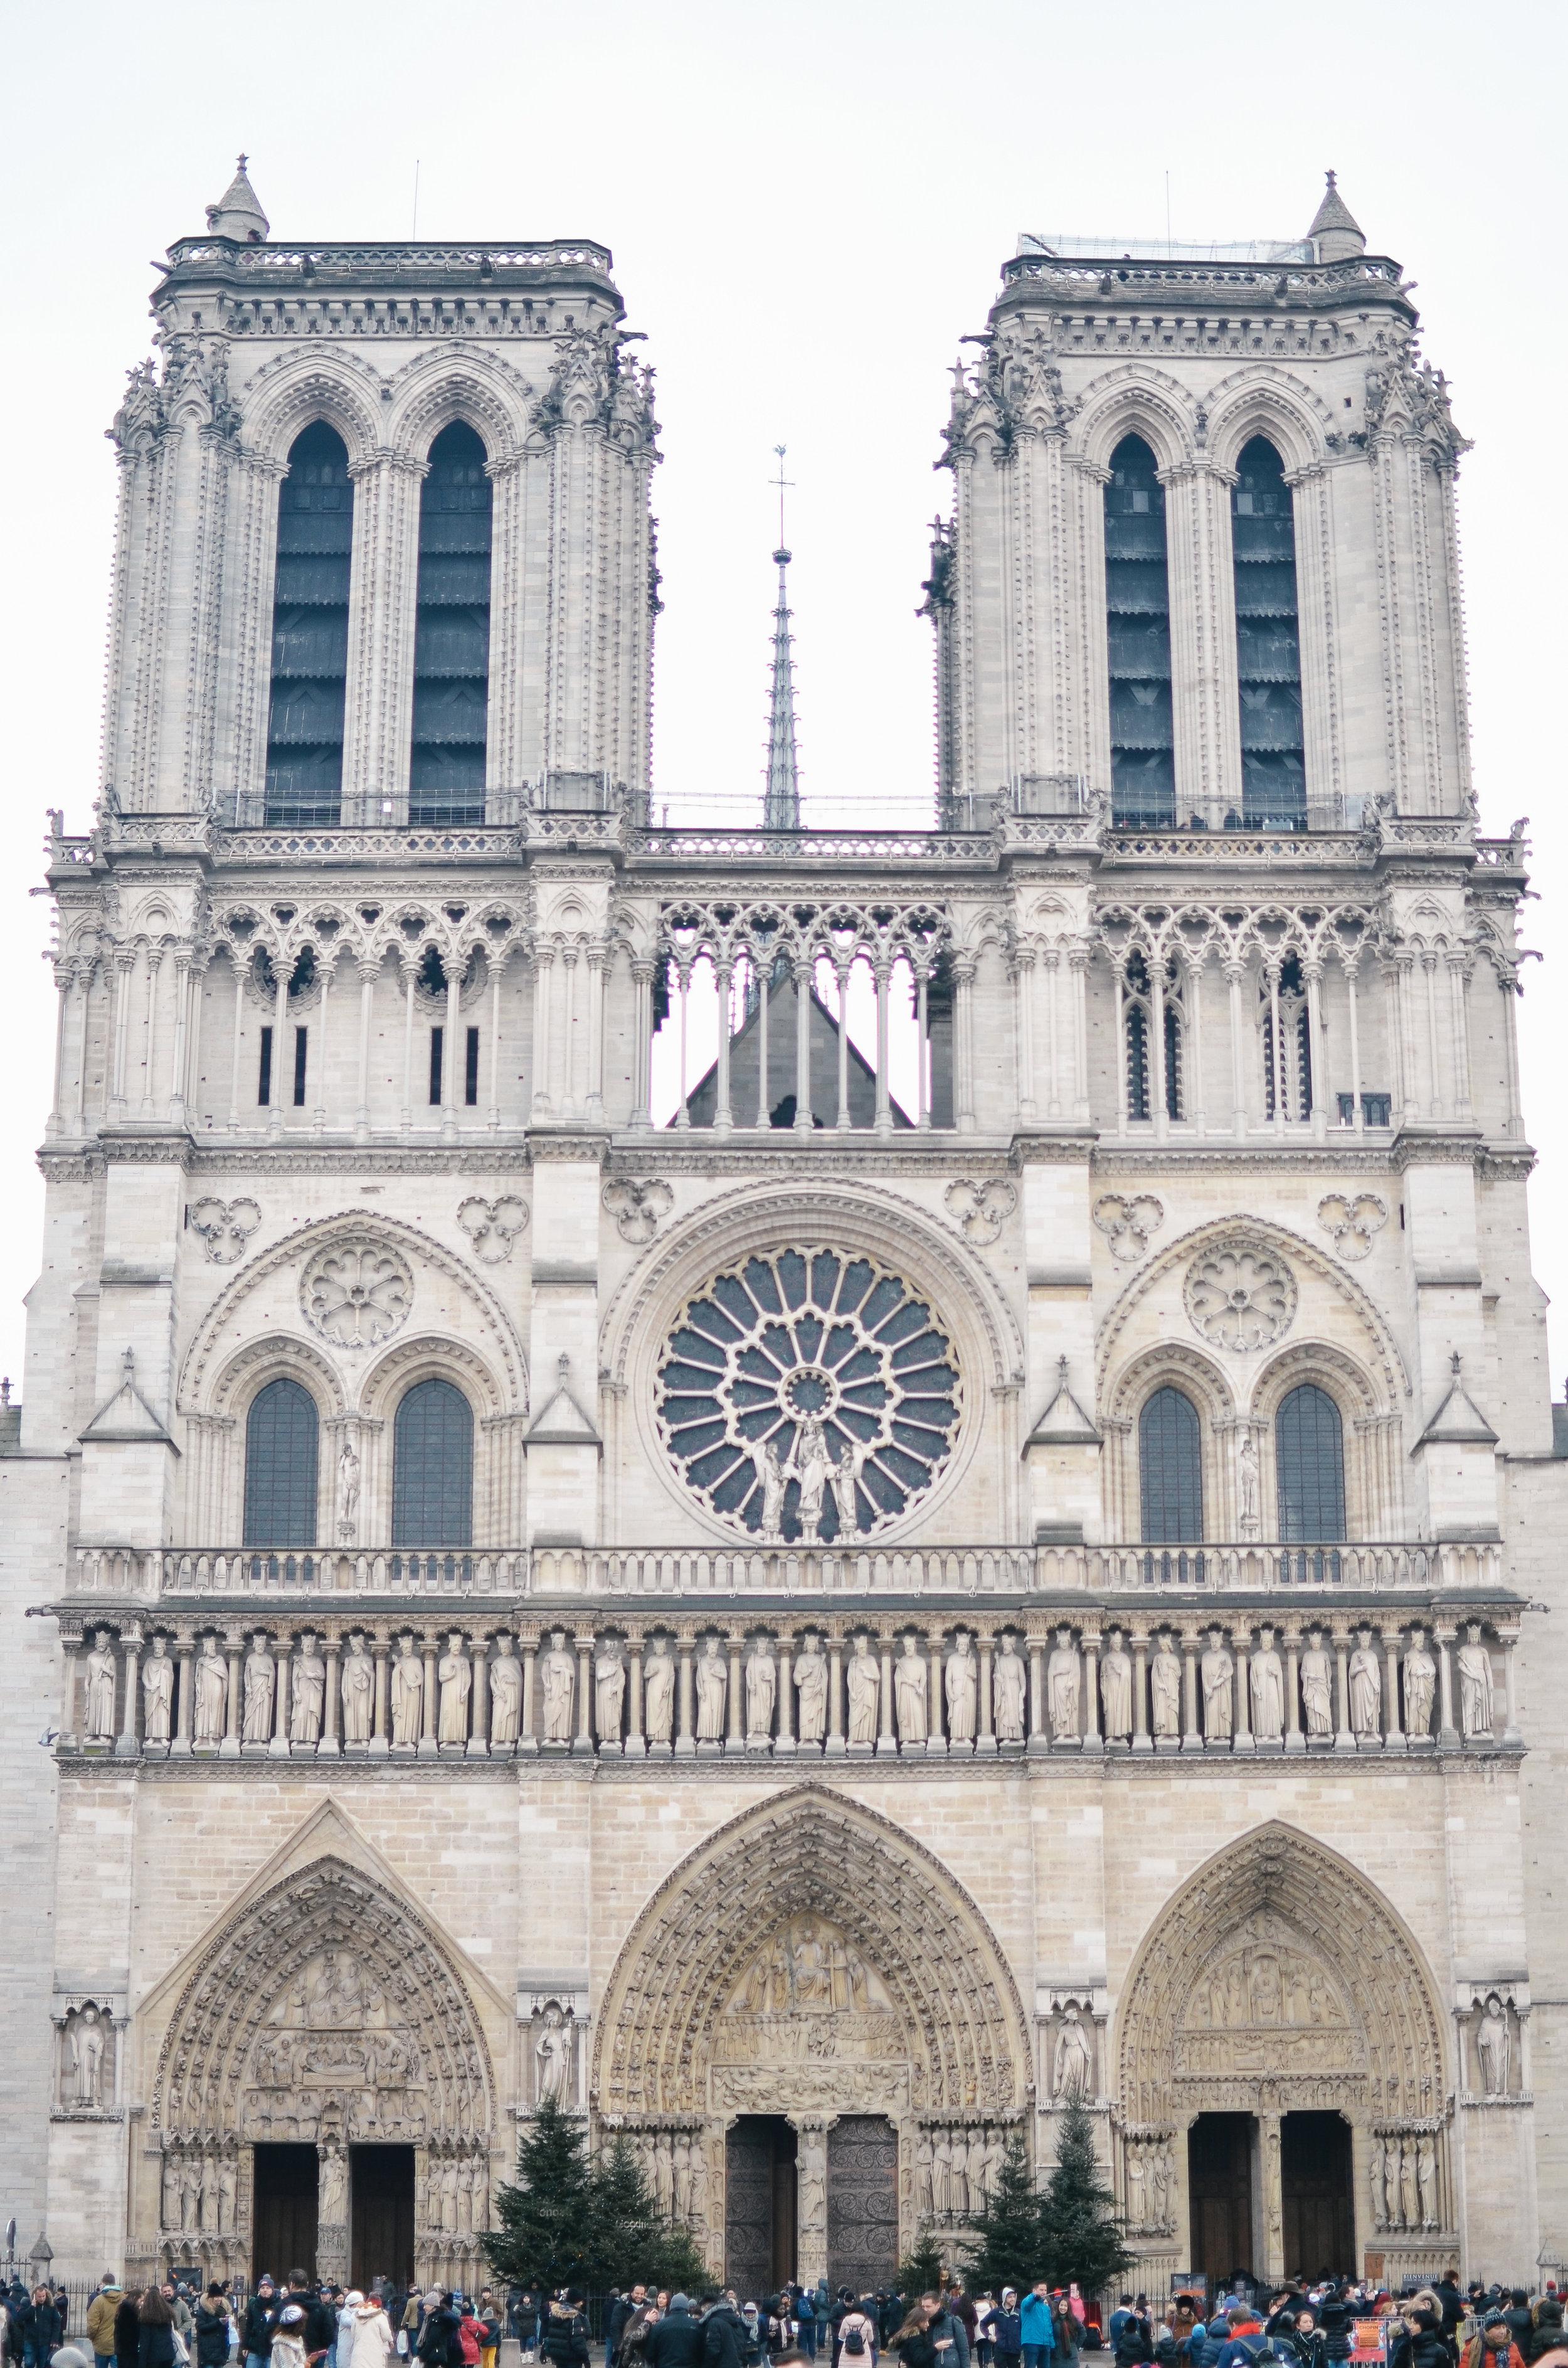 paris-france-travel-guide-lifeonpine_DSC_0339.jpg